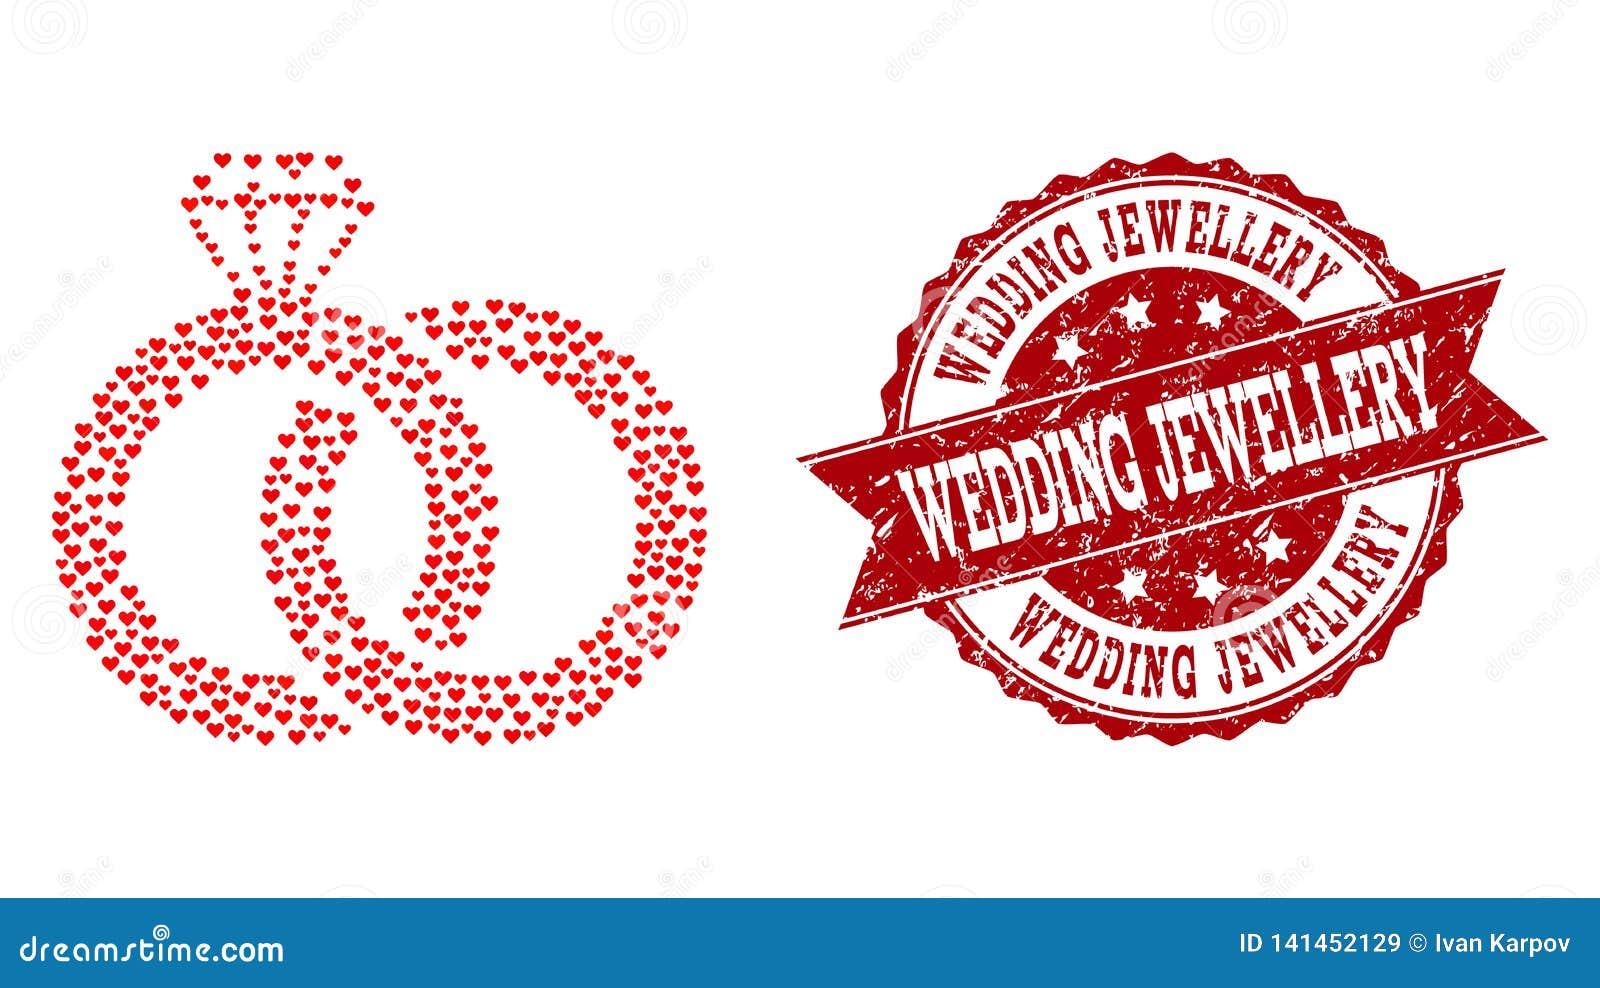 Valentine Heart Collage van het Watermerk van Diamond Wedding Rings Icon en Grunge-